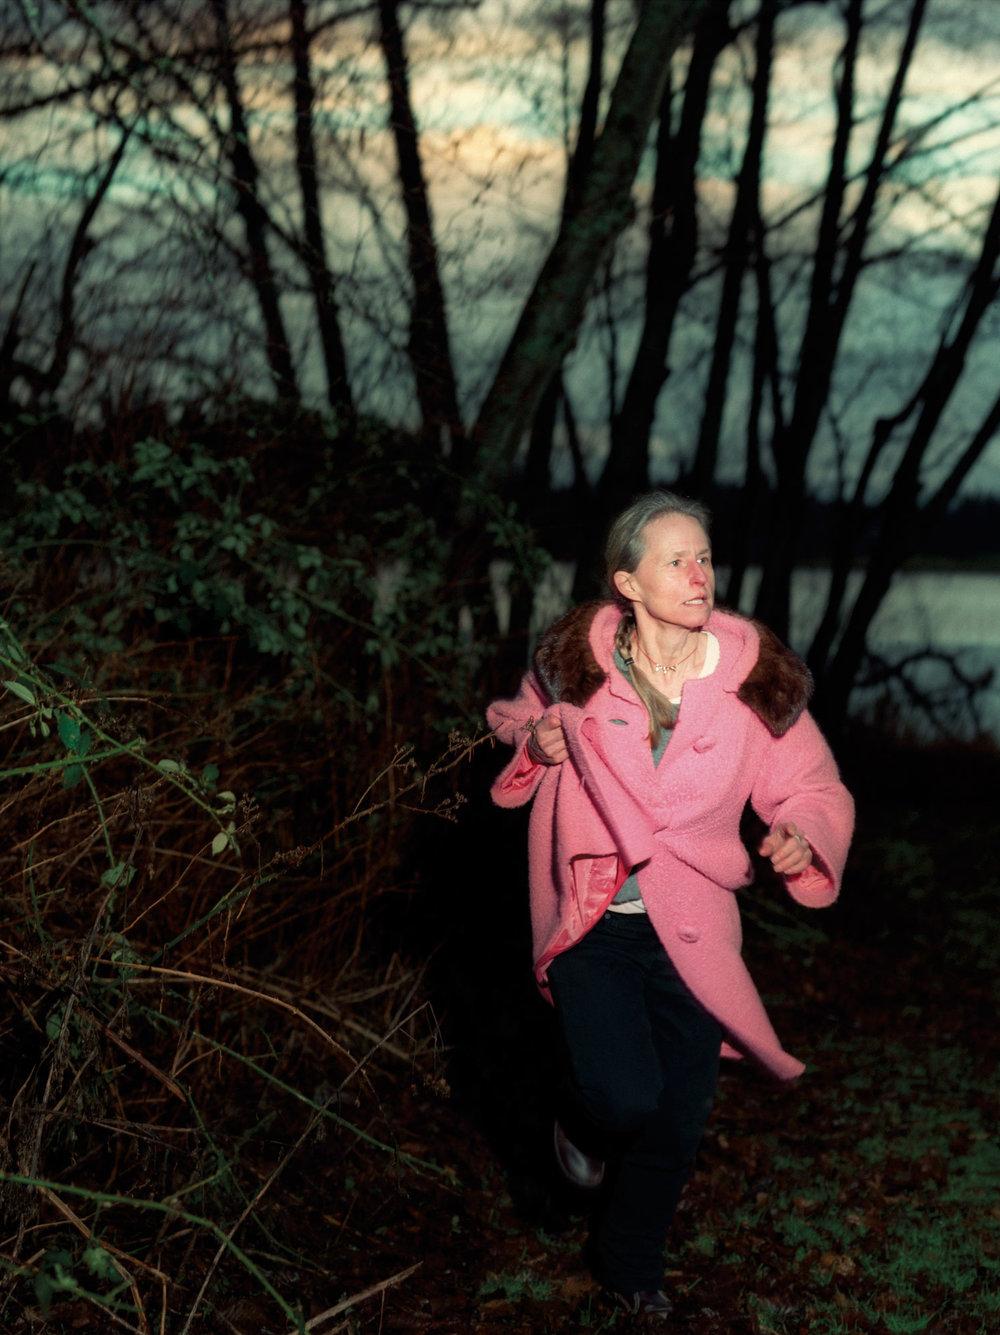 Tabitha Soren,  Hillary 403435 , 2011